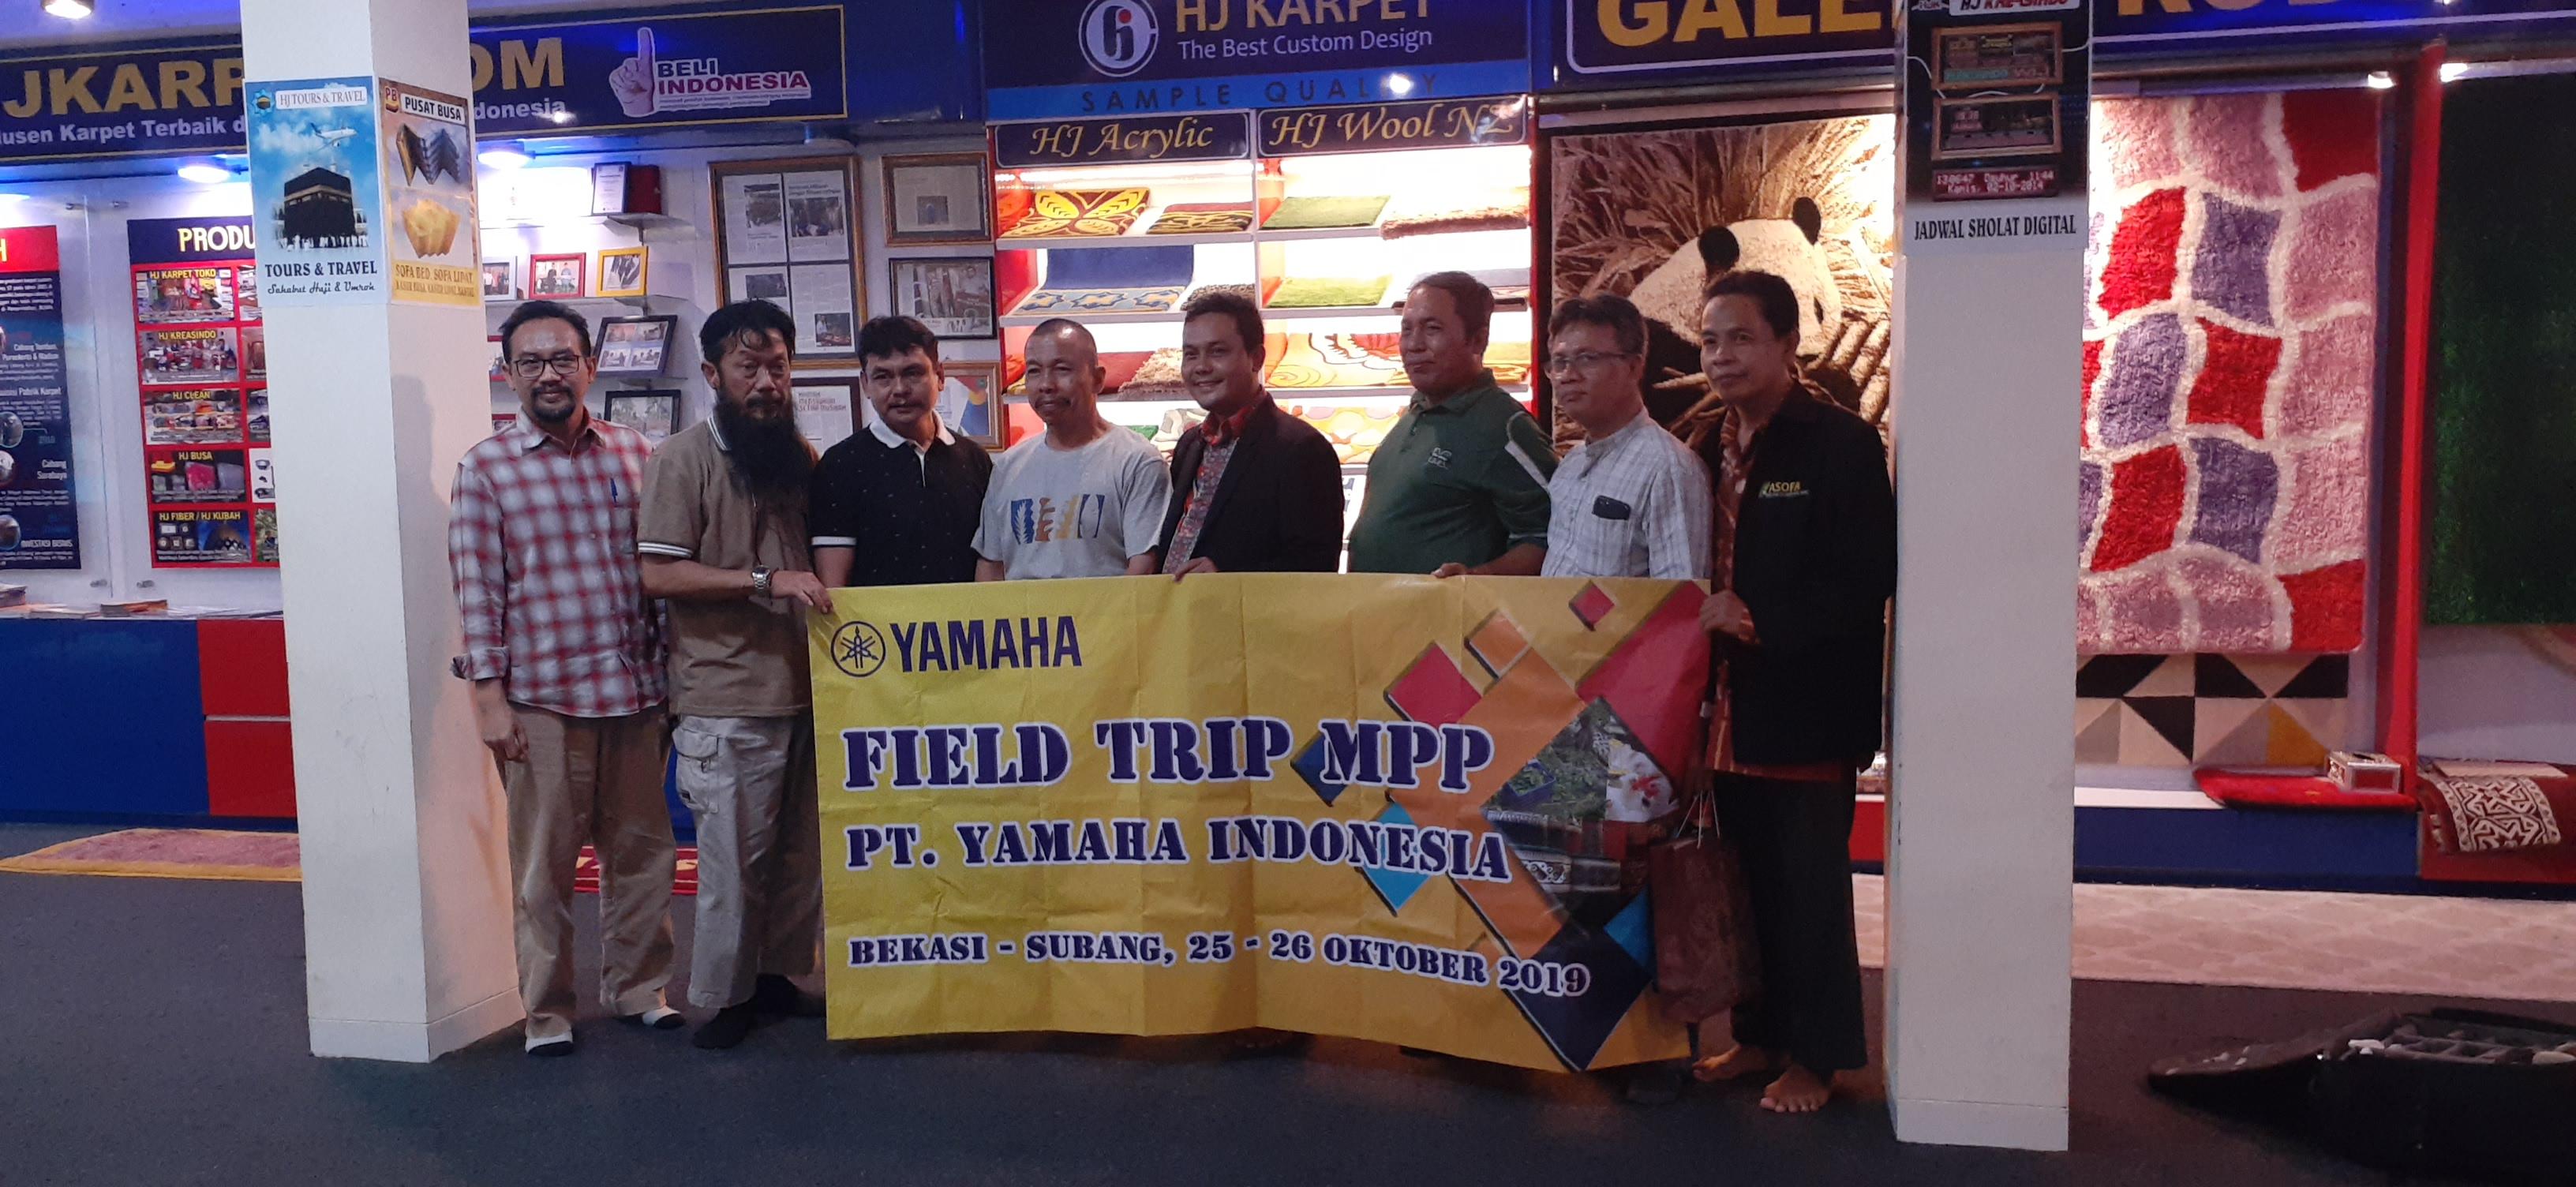 MPP(Masa Persiapan Pensiun) Kunjungan PT.Yamaha Indonesia Ke PT.Hernandhi Jaya Karpet